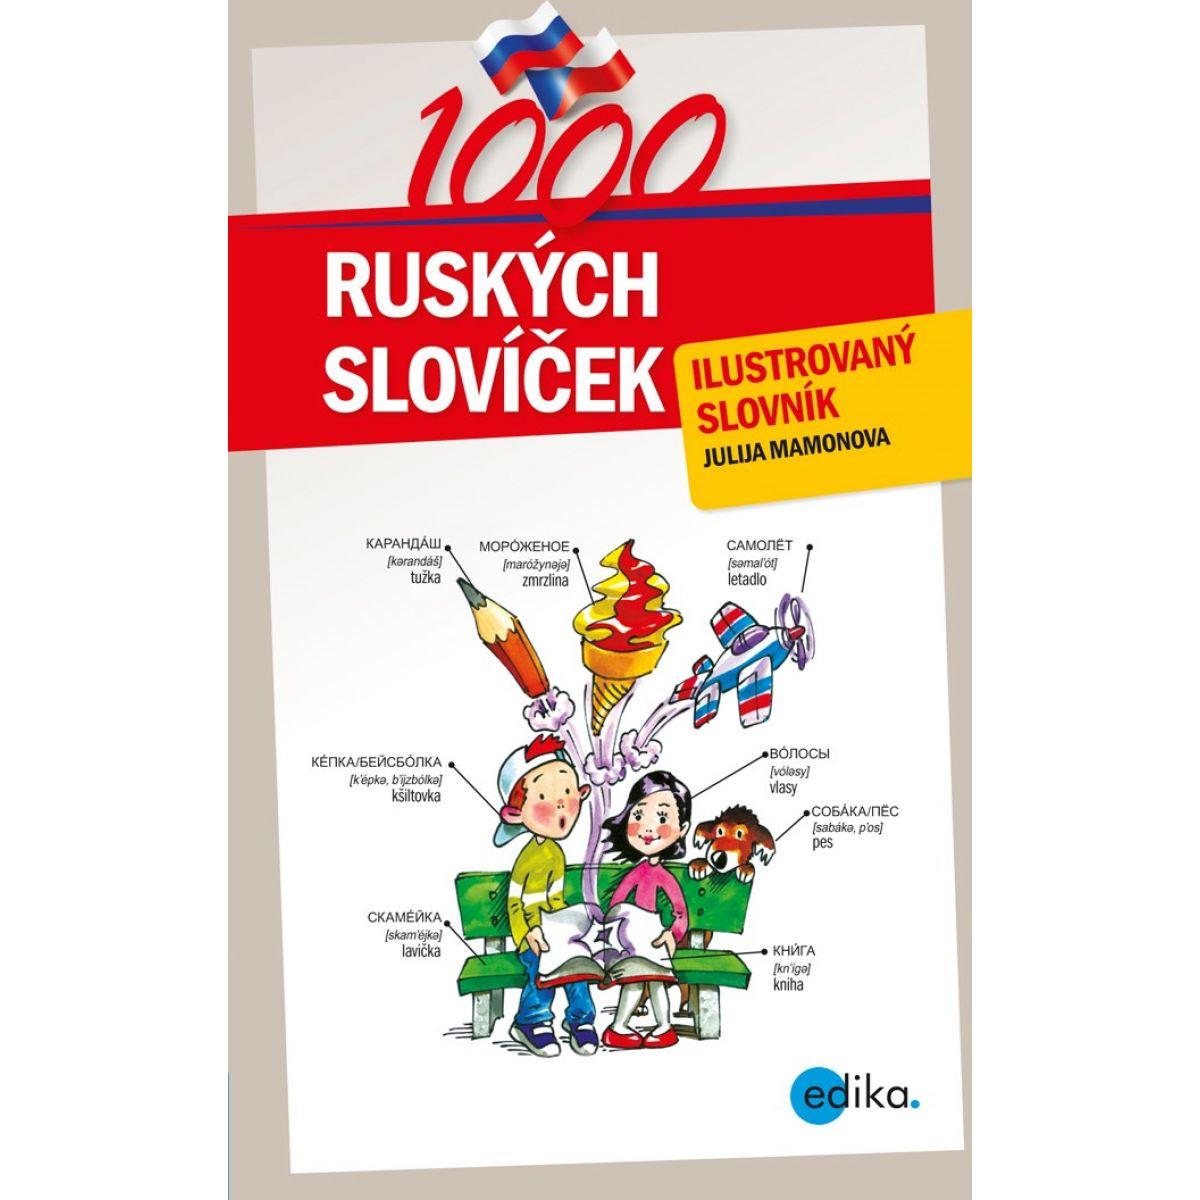 1000 ruských slovíčok